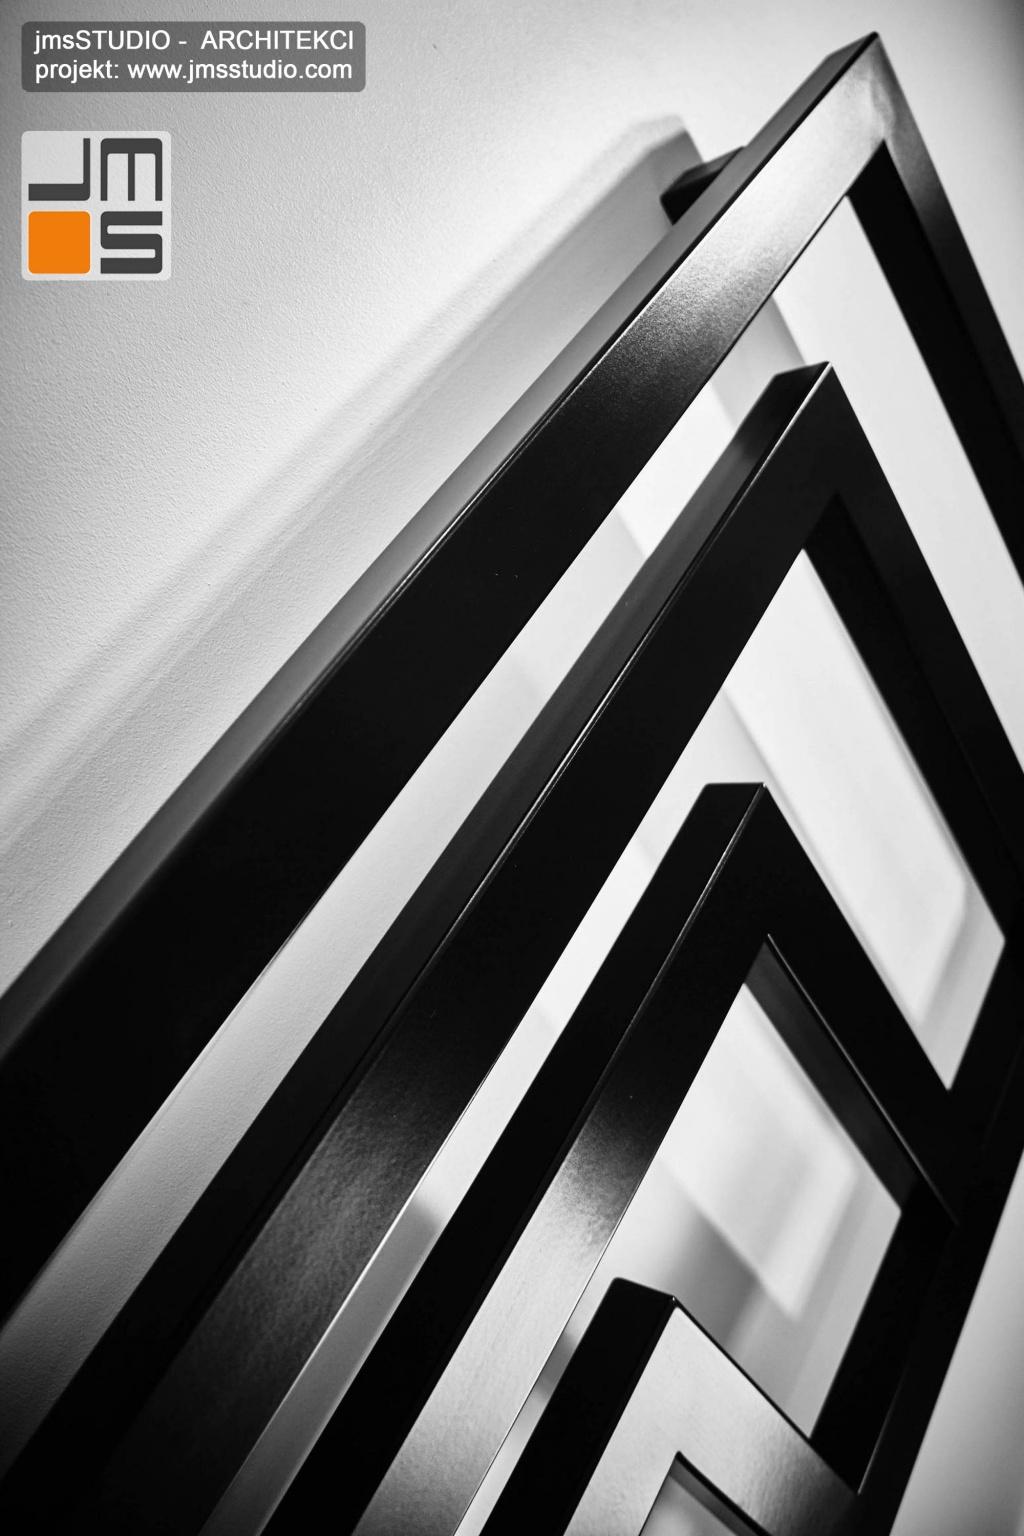 2018 06 grzejnik w kolorze czarnym o ciekawej formie może być pomysłem na akcent w projekcie wnętrz nowoczesnej prostej łazienki pod Poznaniem